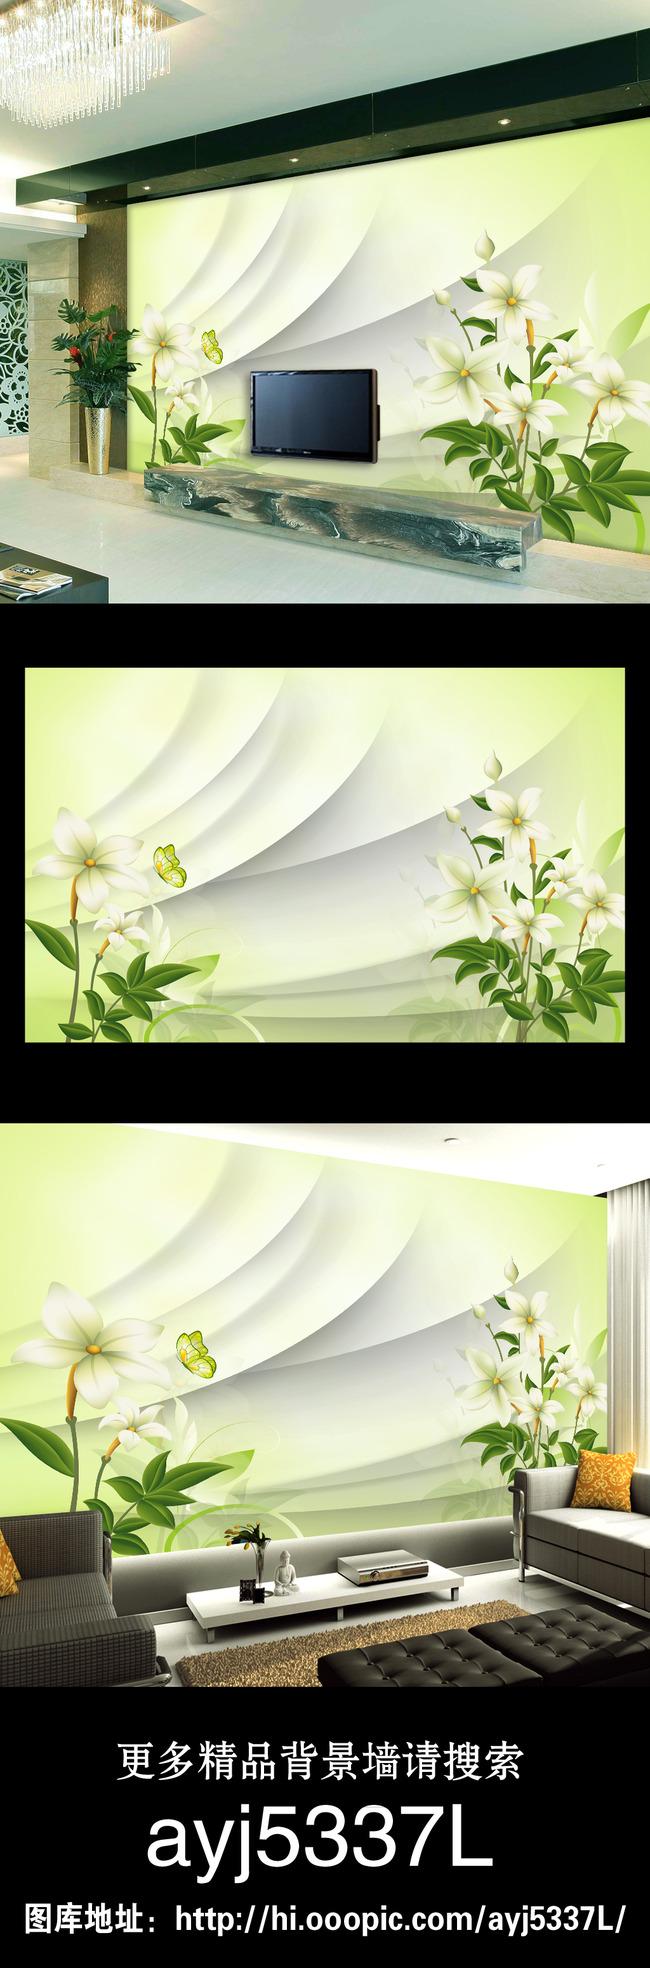 手绘君子兰3d立体电视背景墙